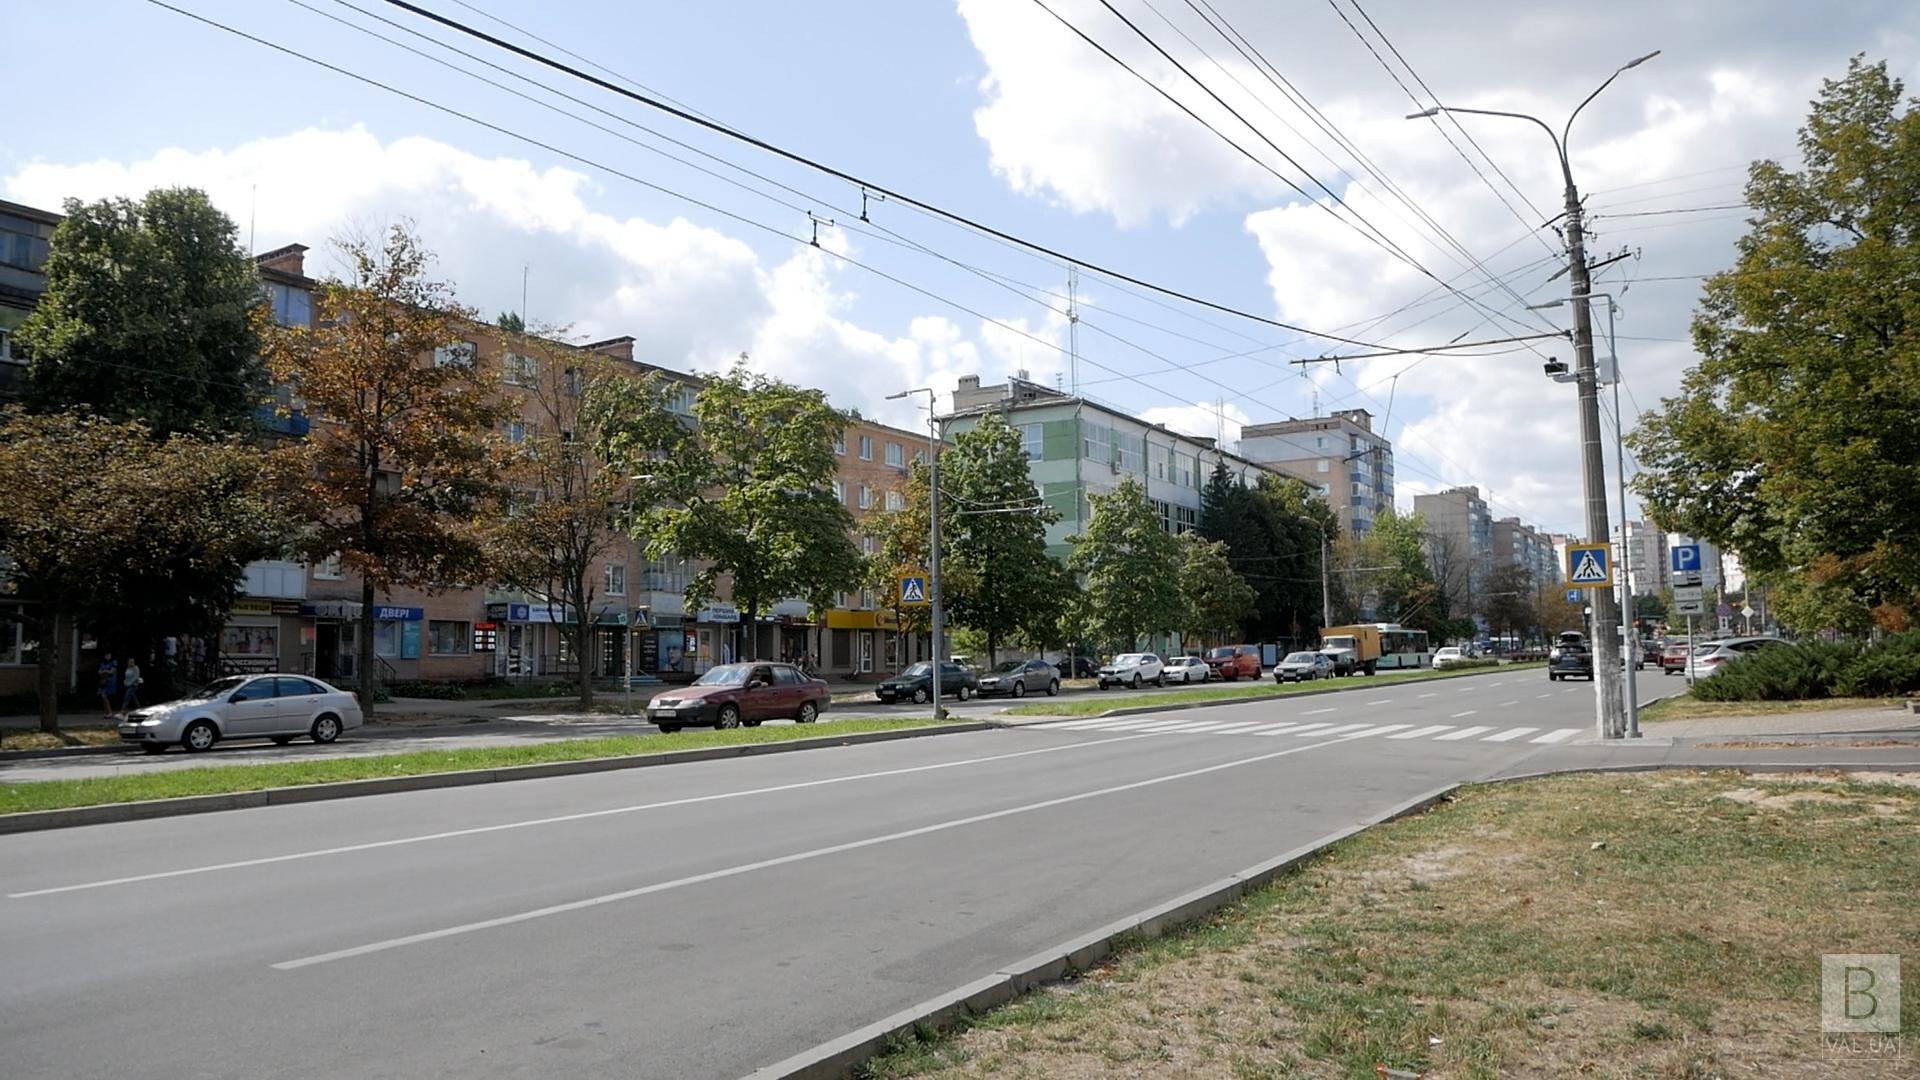 Резонансна ДТП у Чернігові: винуватцю загрожує до 8 років в'язниці ВІДЕО